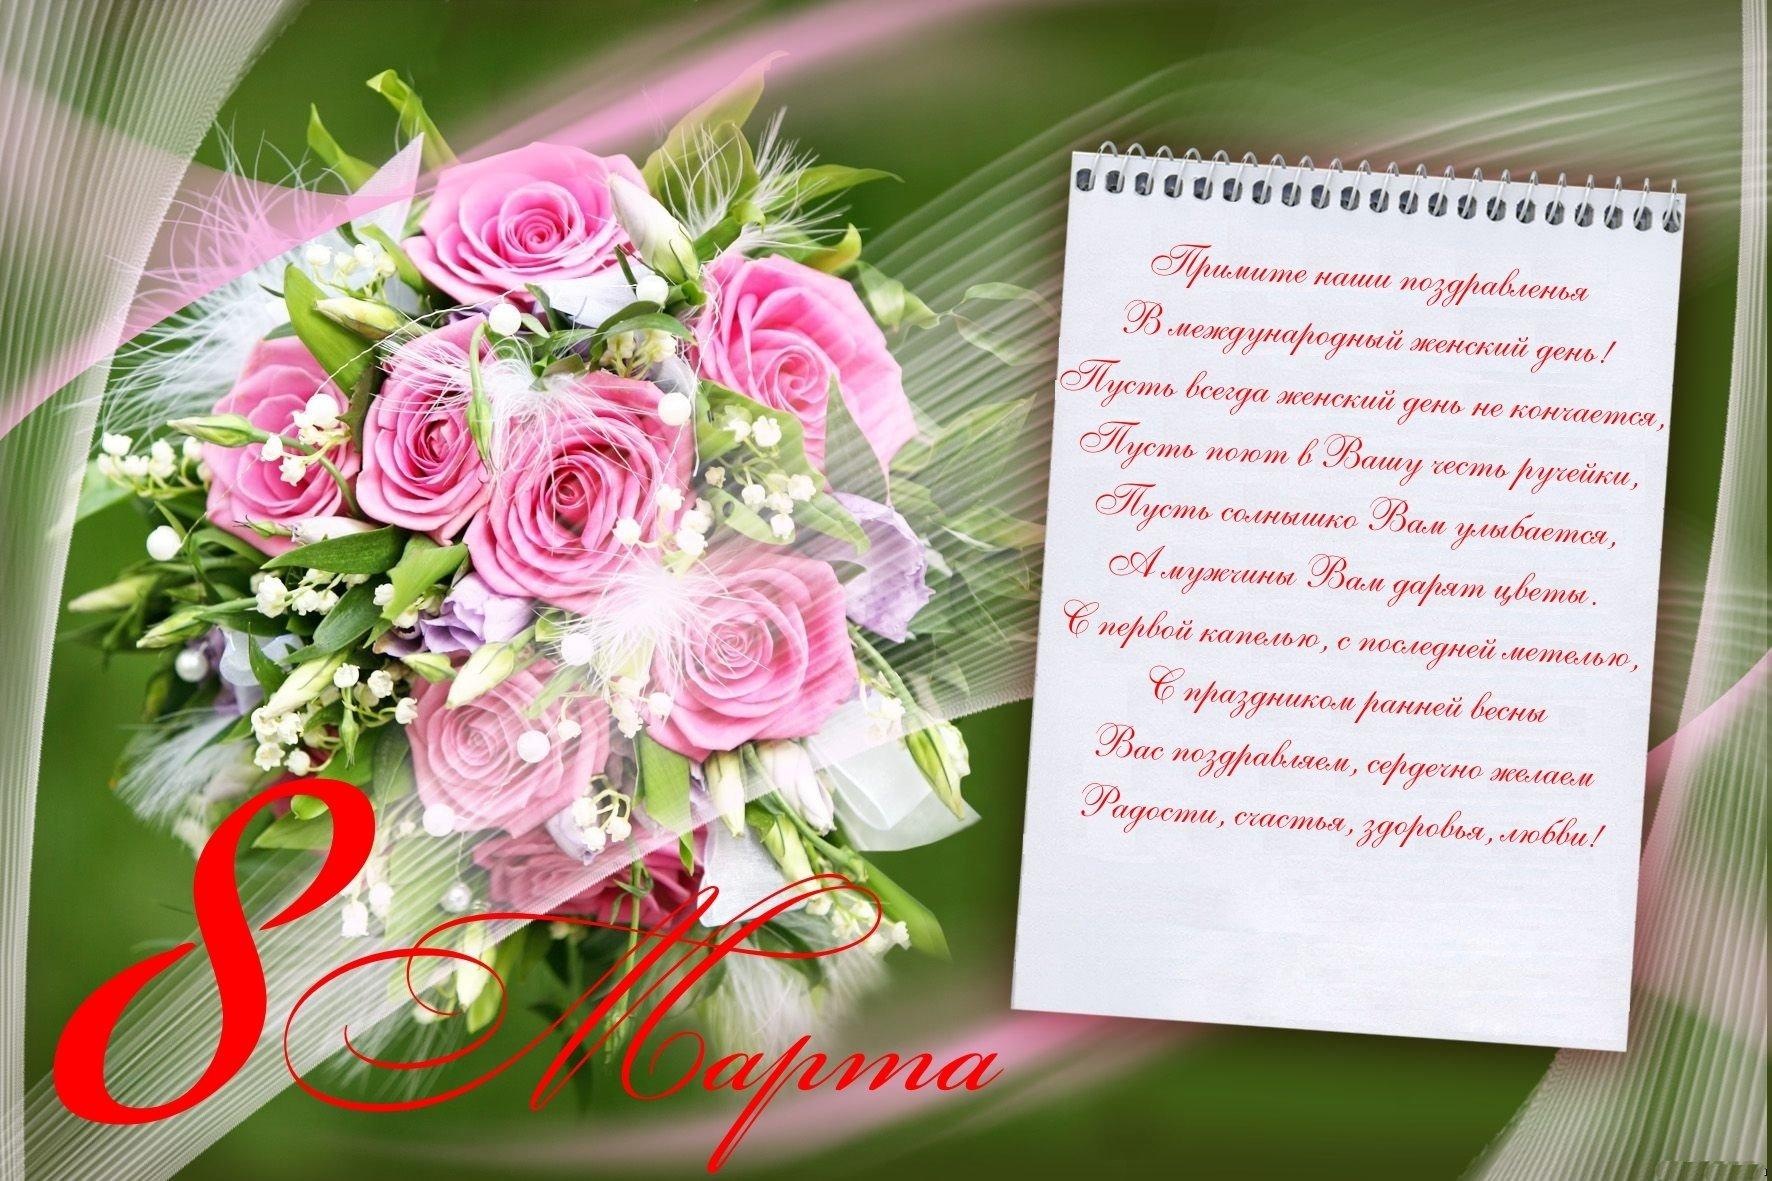 Фото к 8 марта поздравление